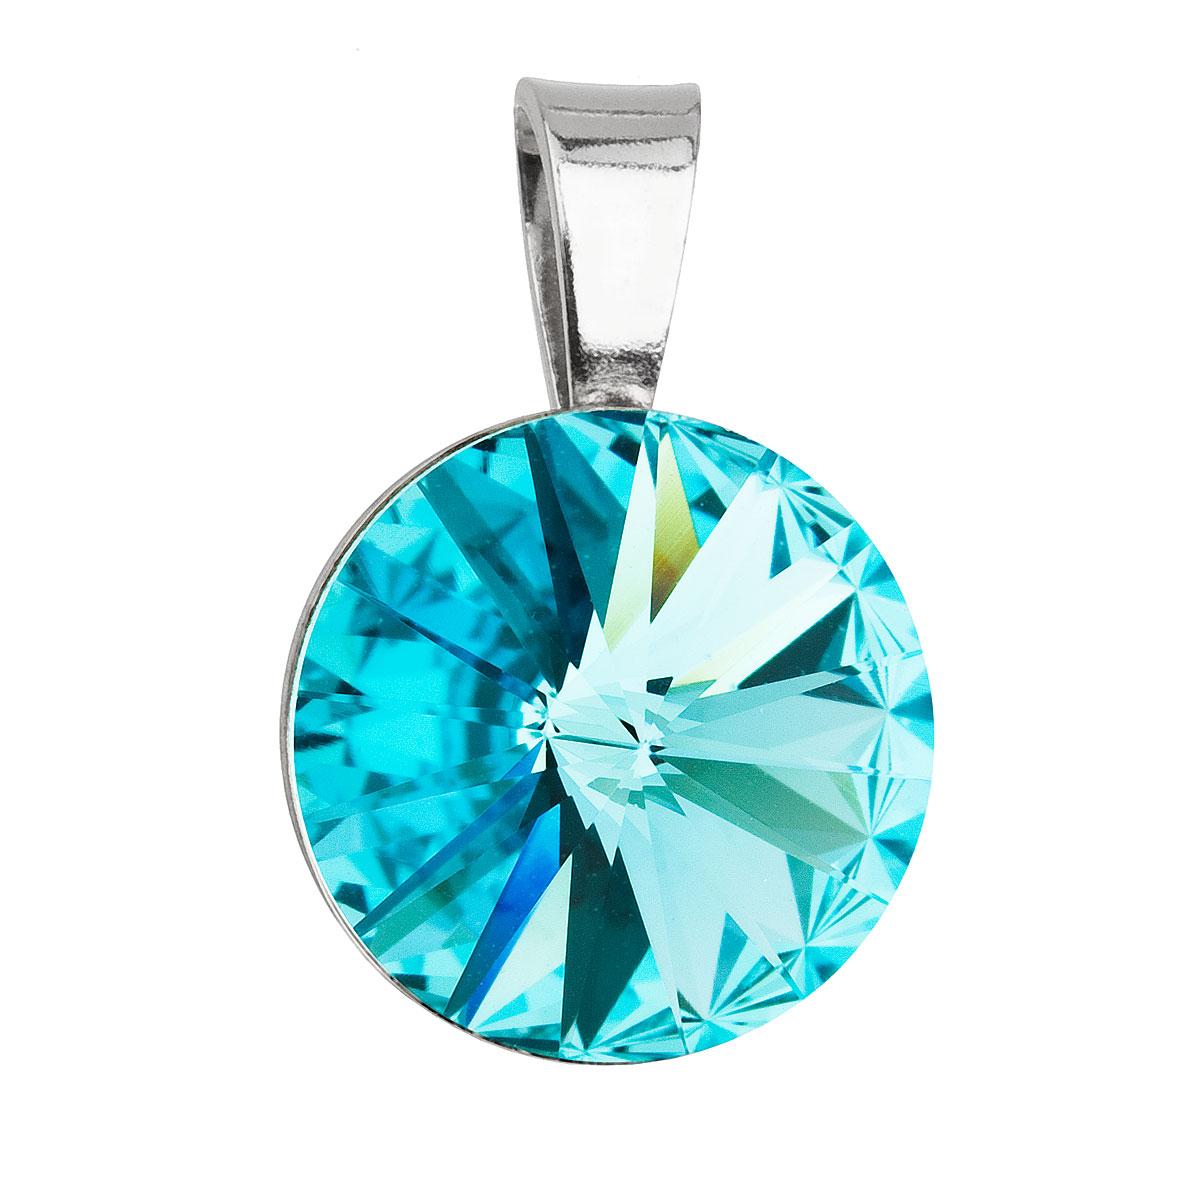 Strieborný prívesok s krištáľmi Swarovski modrý okrúhly-rivoli 34112.3 light turquoise